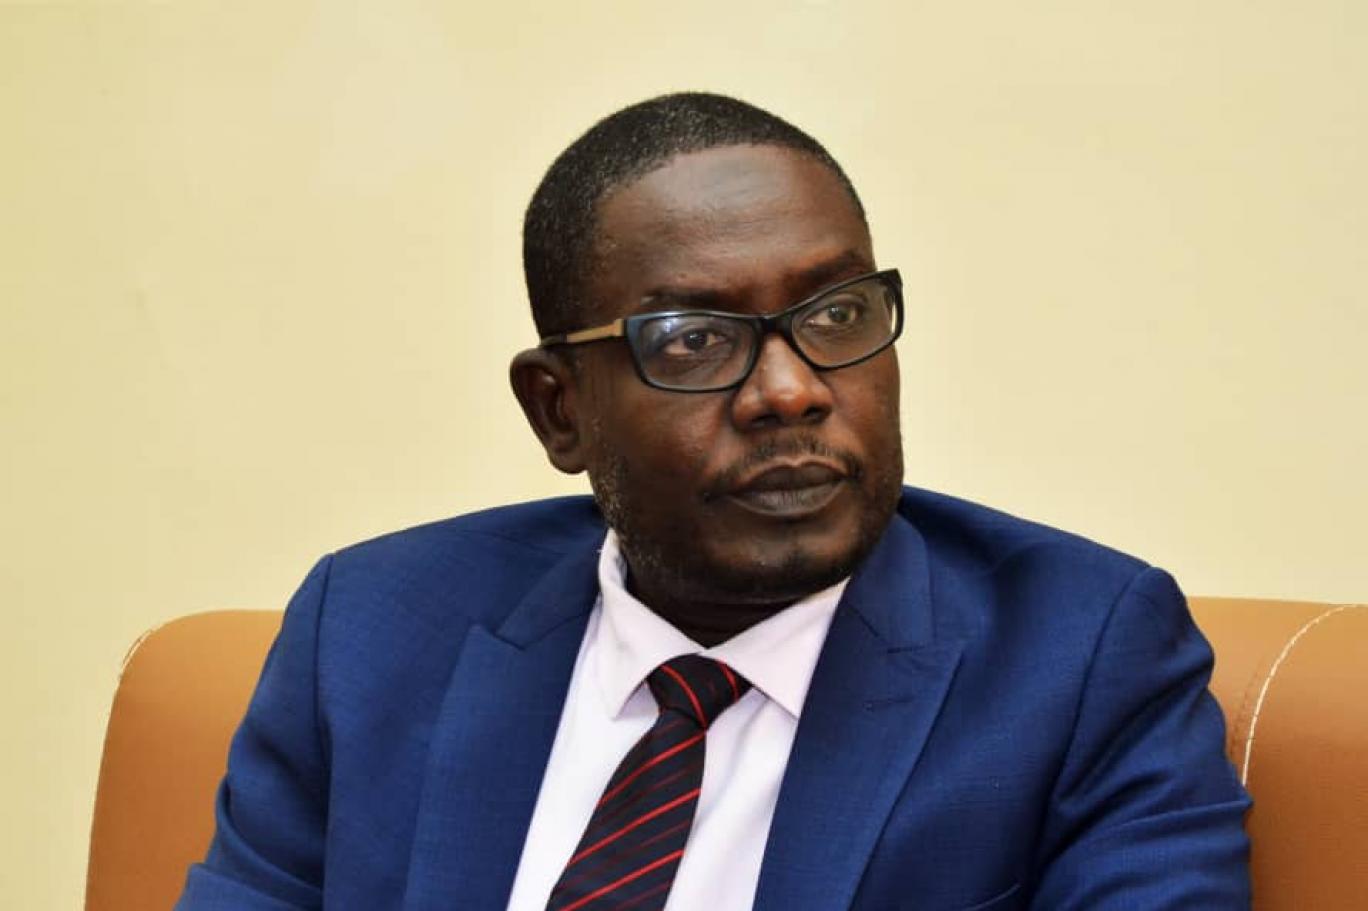 السودان يعتزم تشكيل القوات المشتركة في مناطق السلم بعد توفر ضمانات ماليةالسودان يعتزم تشكيل القوات المشتركة في مناطق السلم بعد توفر ضمانات مالية